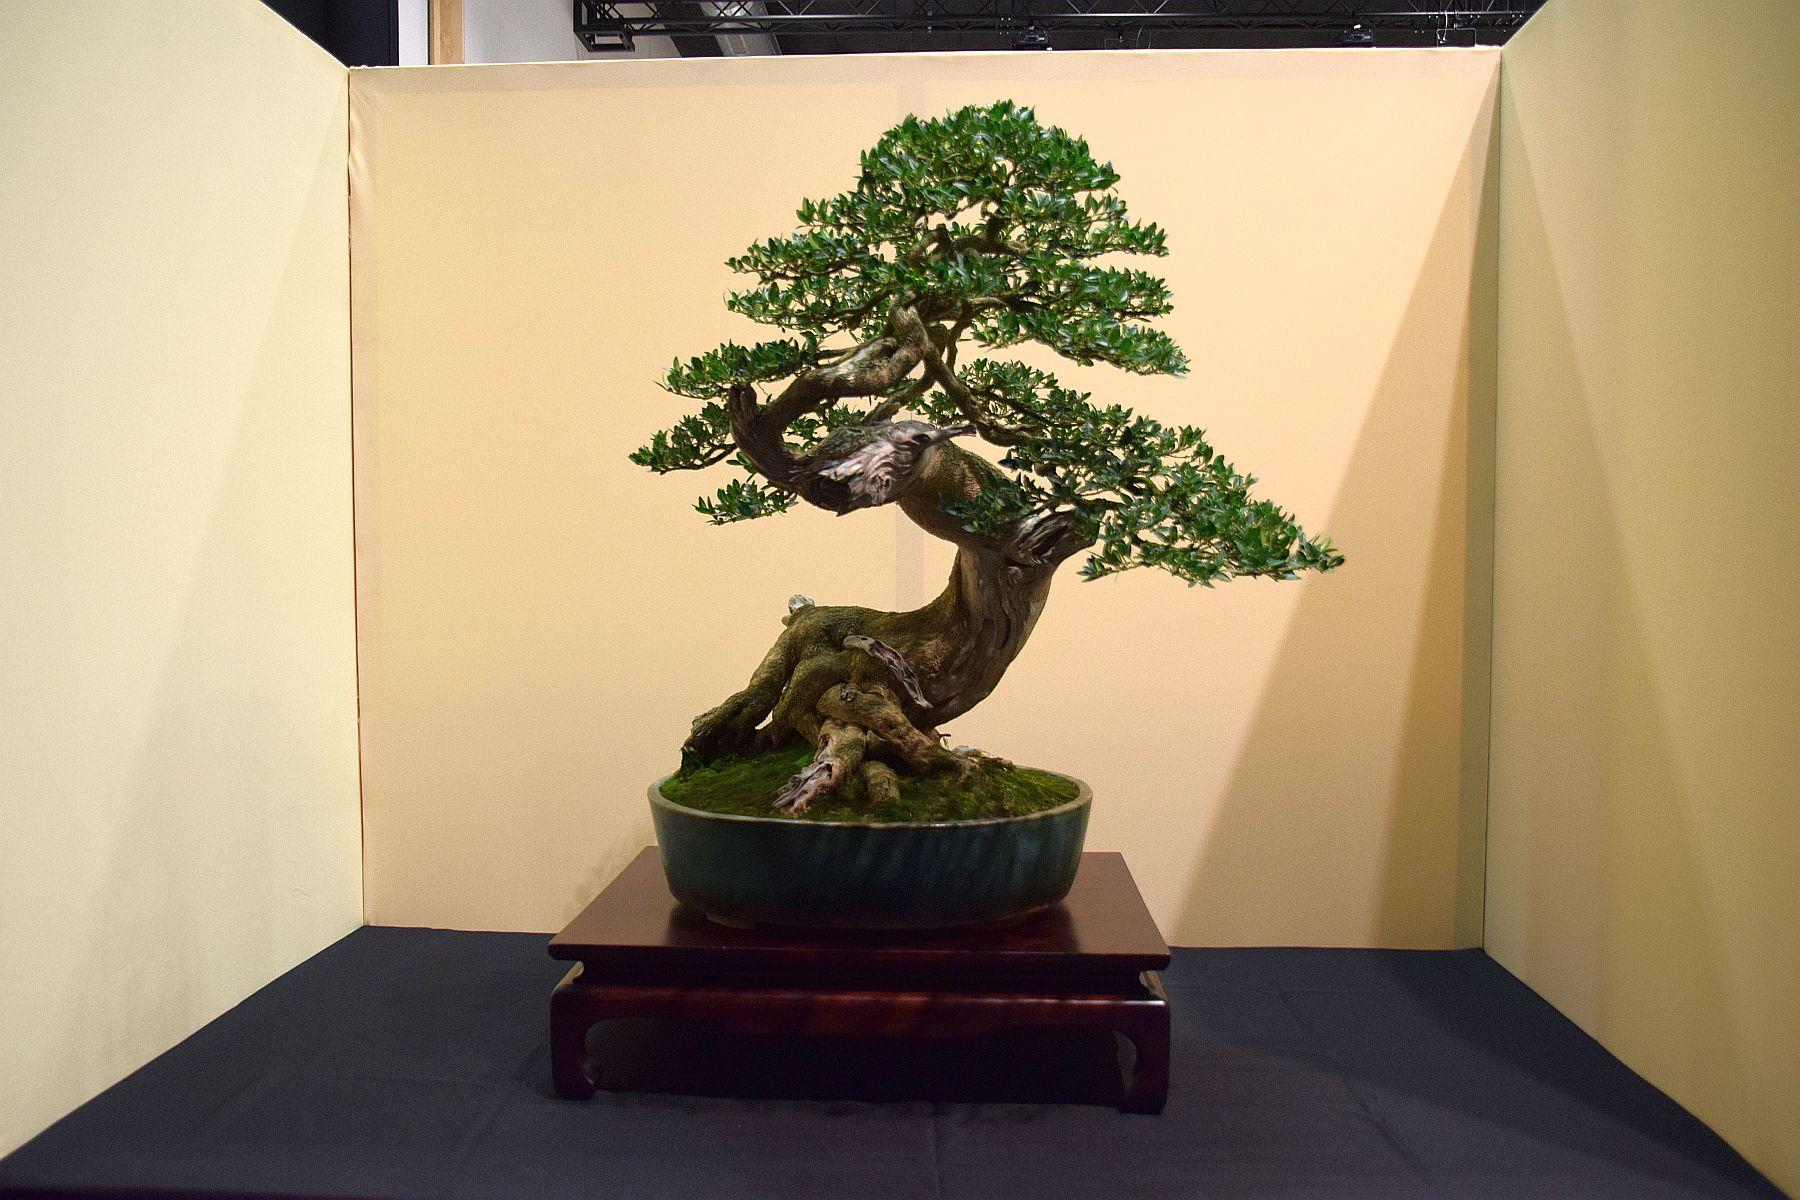 euk-bonsai-ten-2016-jp-polmans-collectie-018